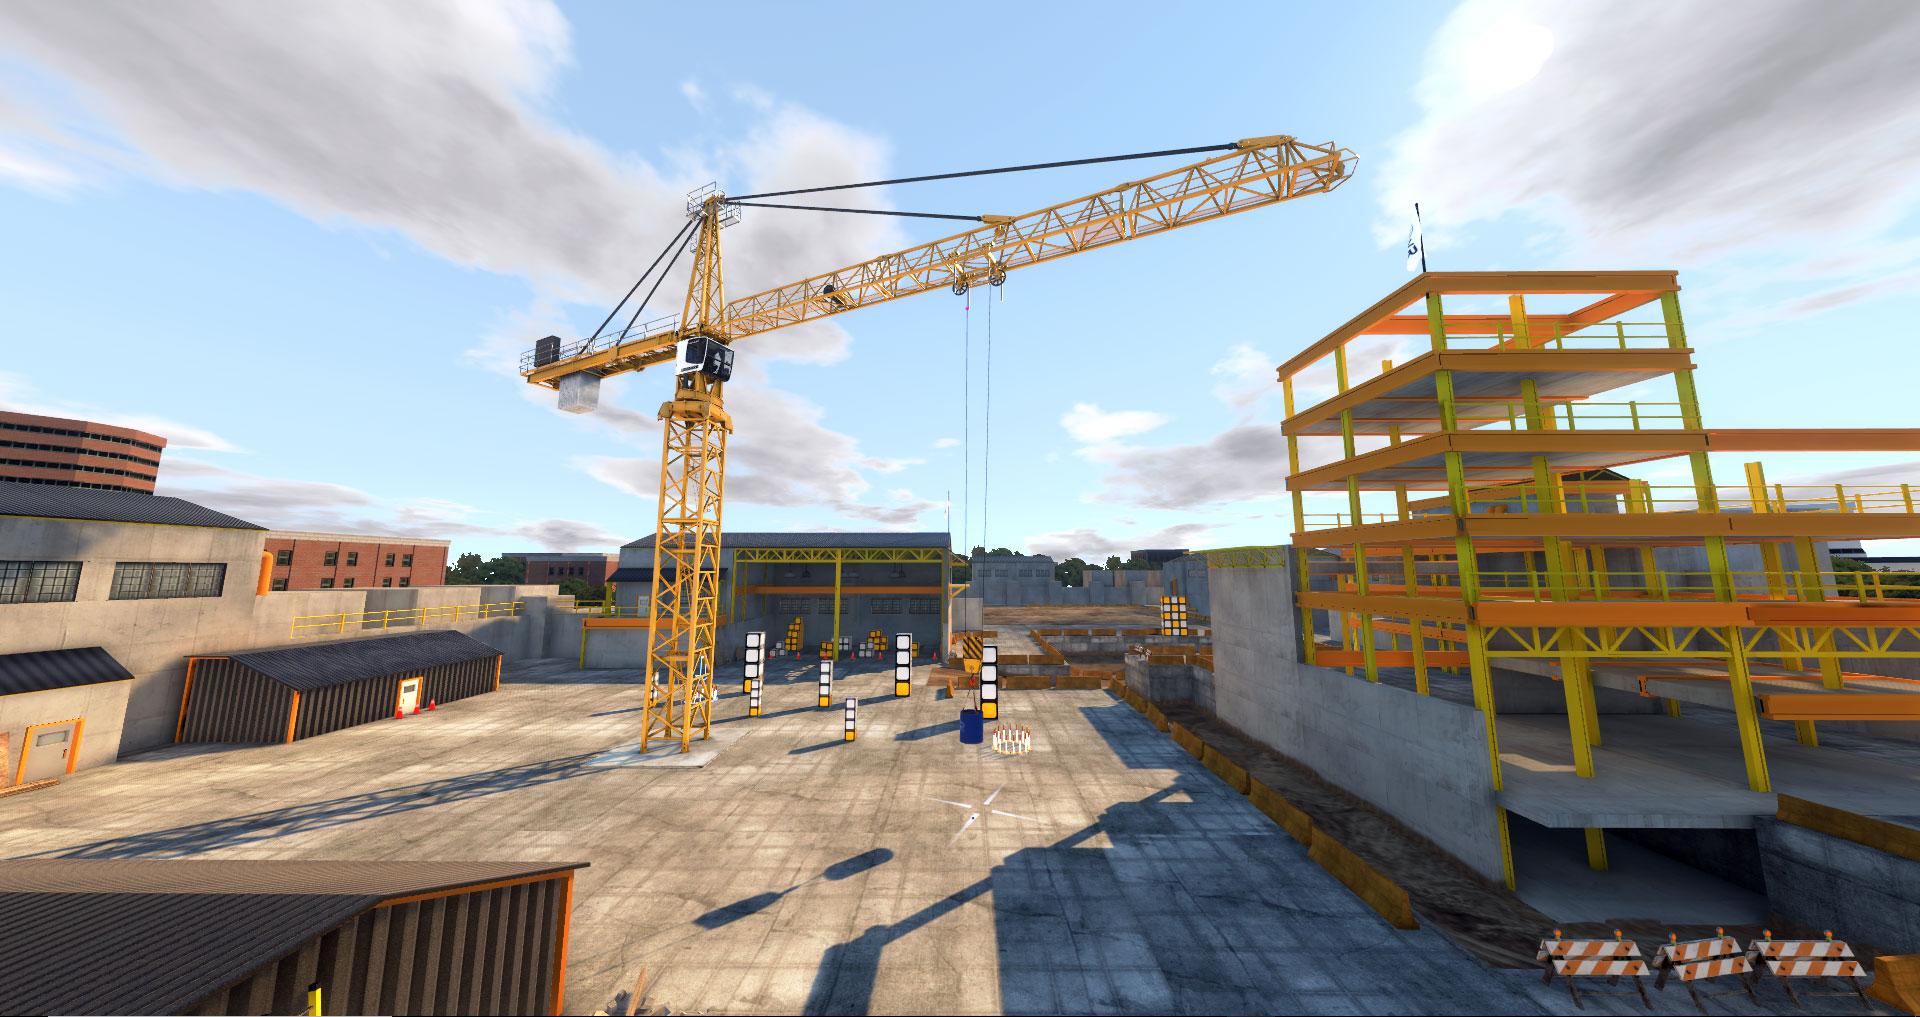 VR-Tower-Crane-Slide-1280px-02.jpg